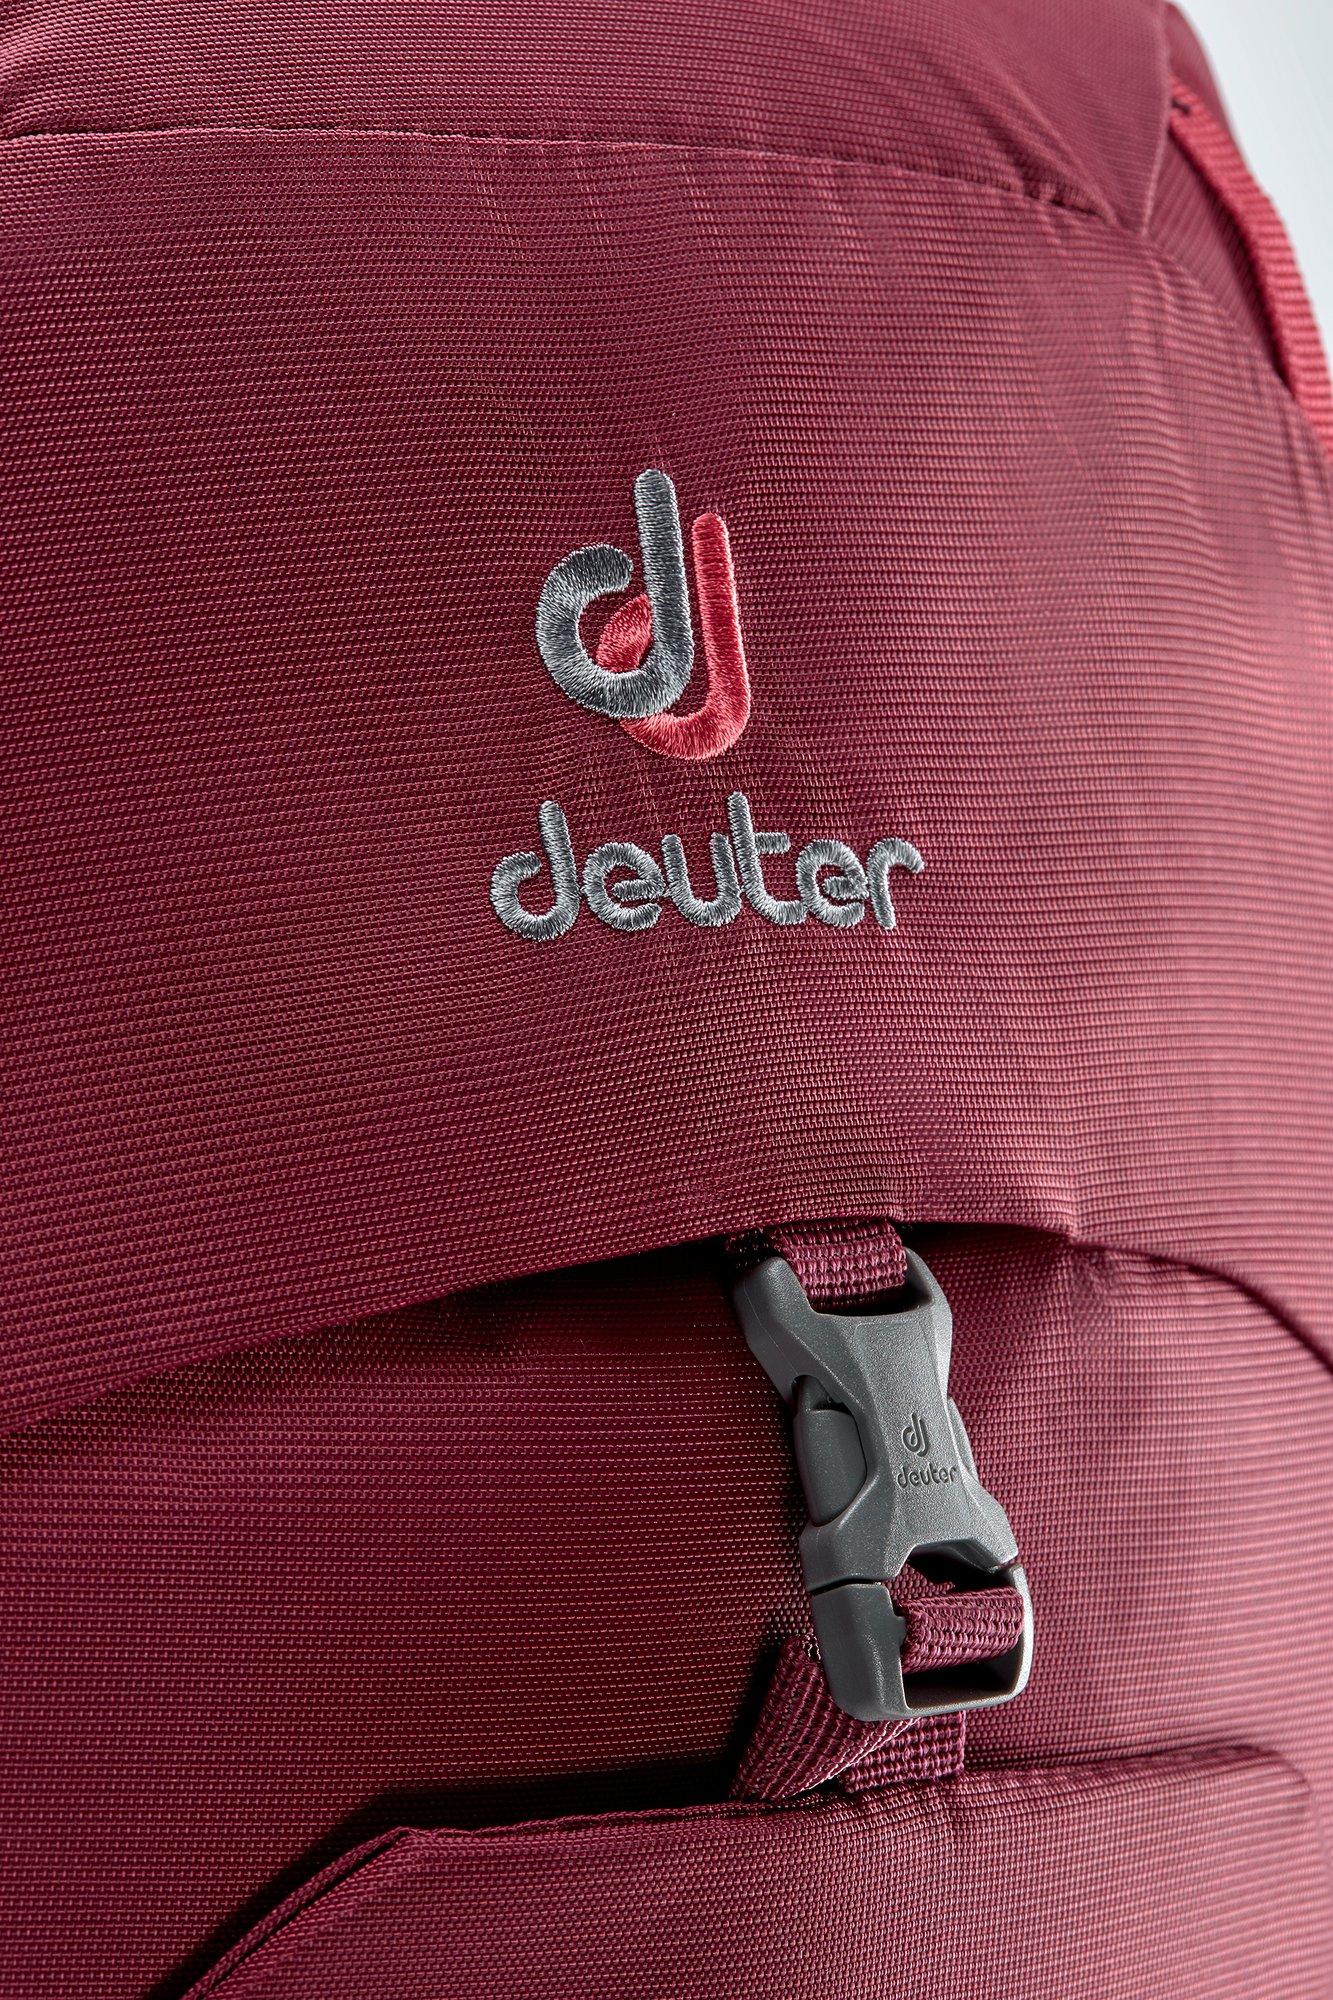 Deuter - AViANT Voyager 60+10 SL, Reiserucksack für Frauen